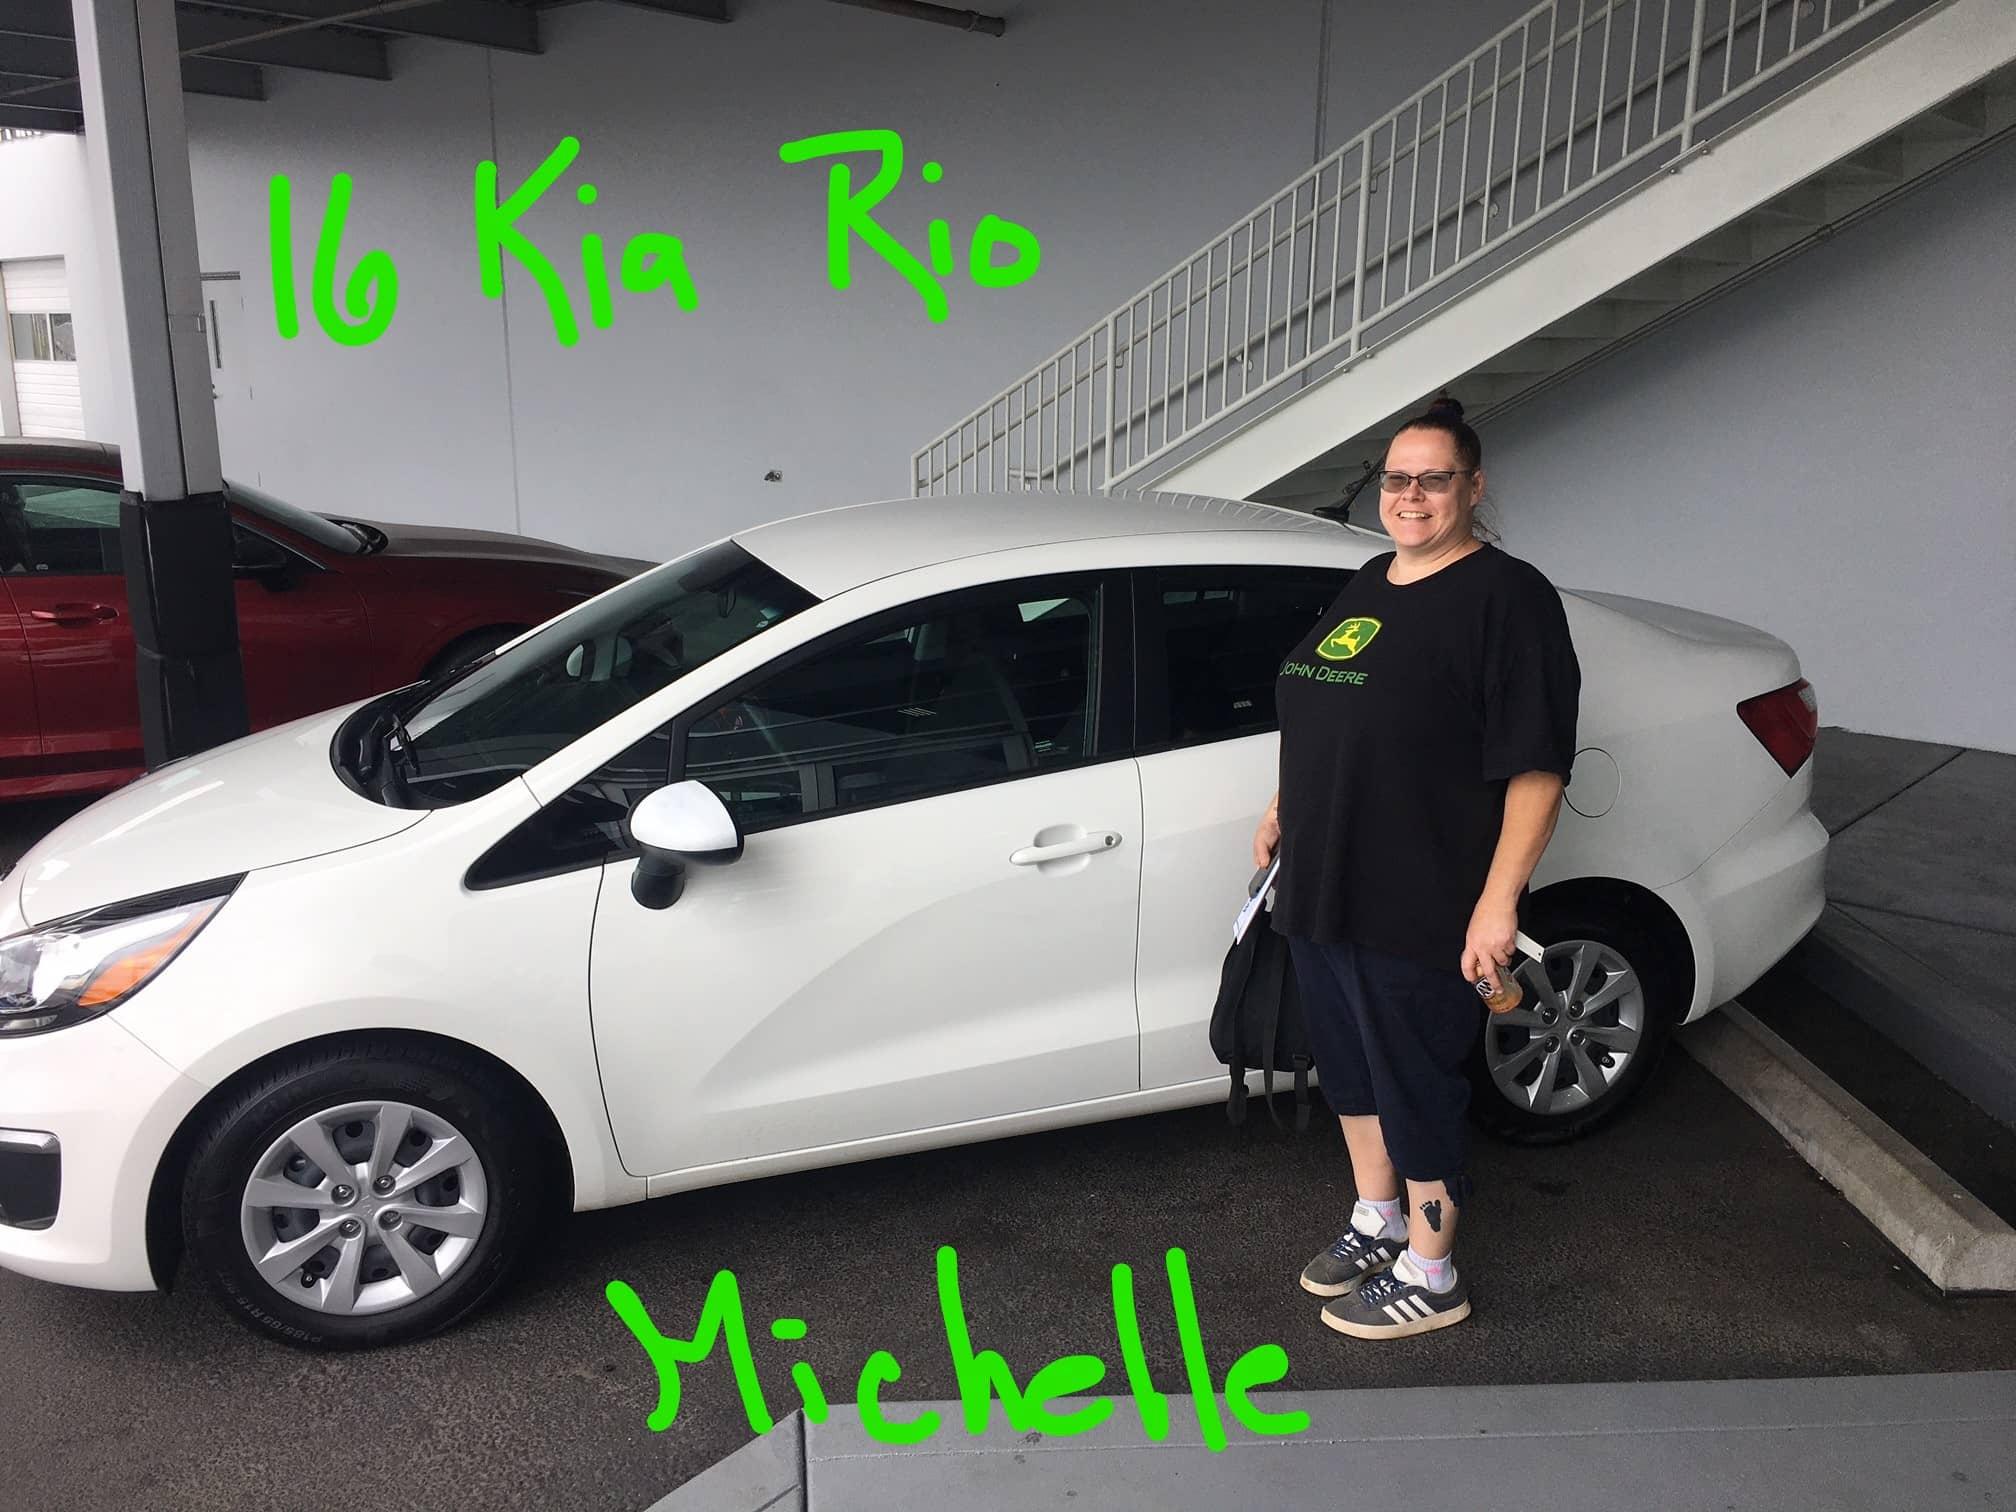 16 Kia Rio Michelle